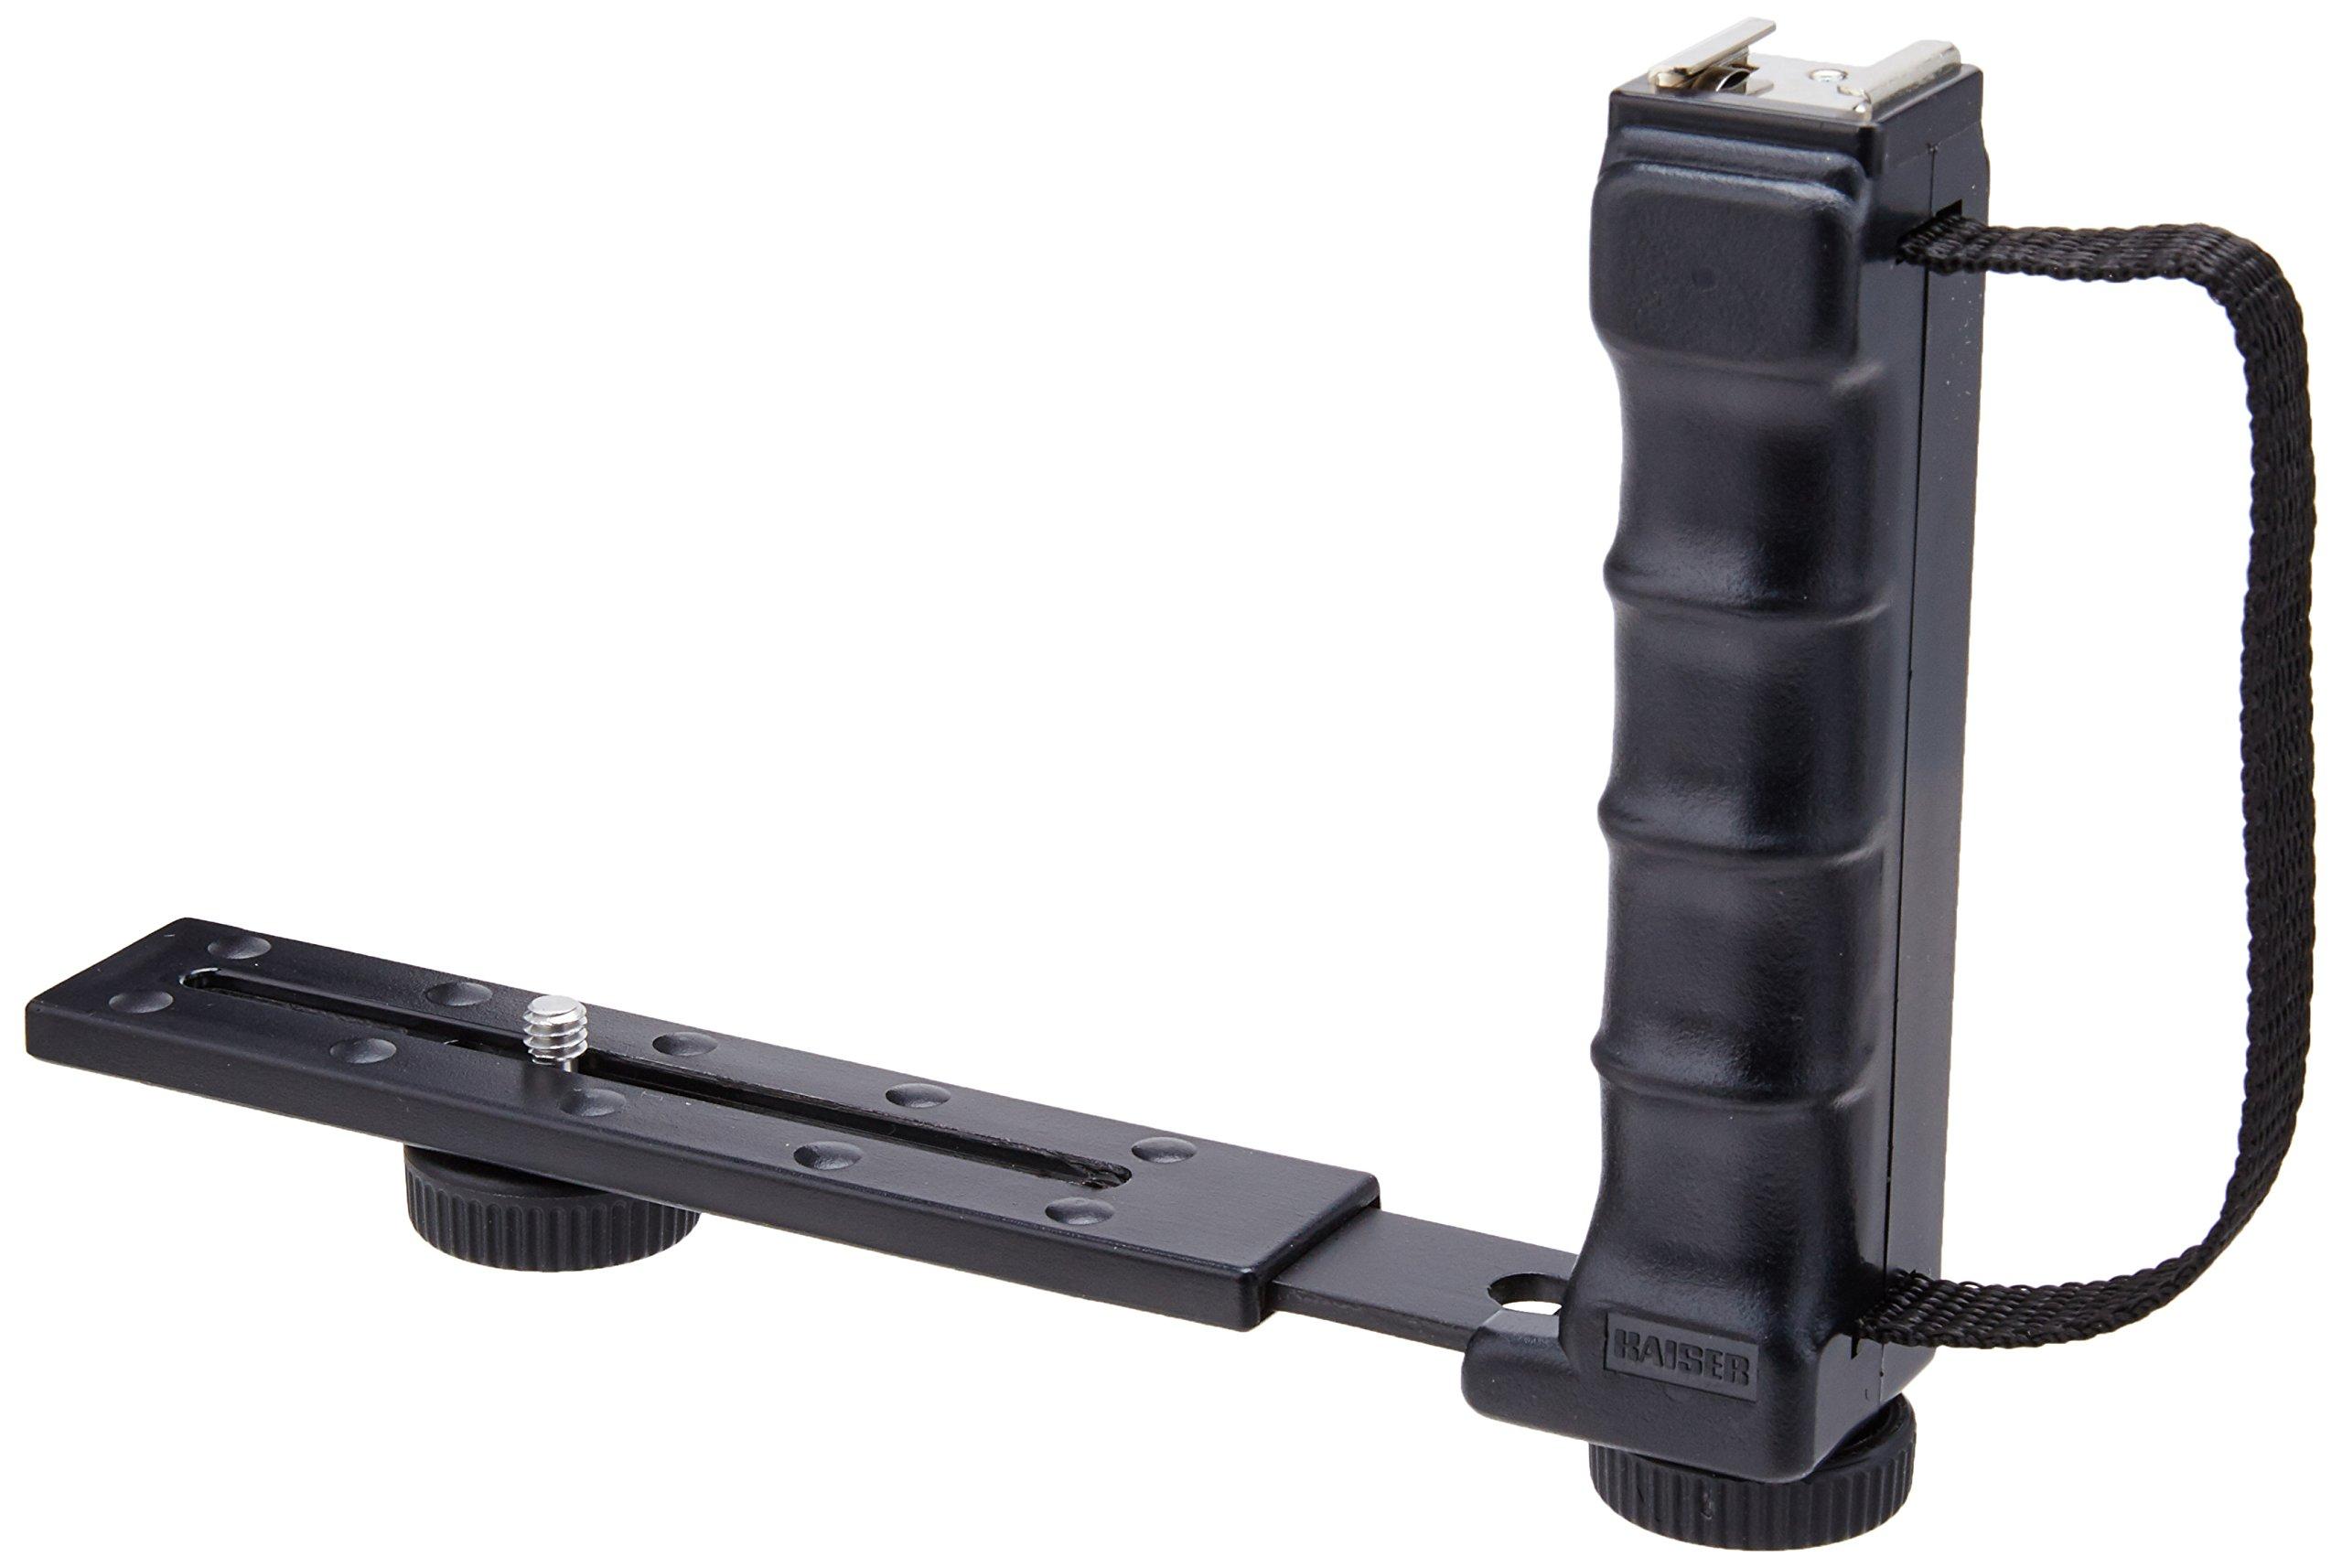 Kaiser 201100 Angle Bracket (Black)